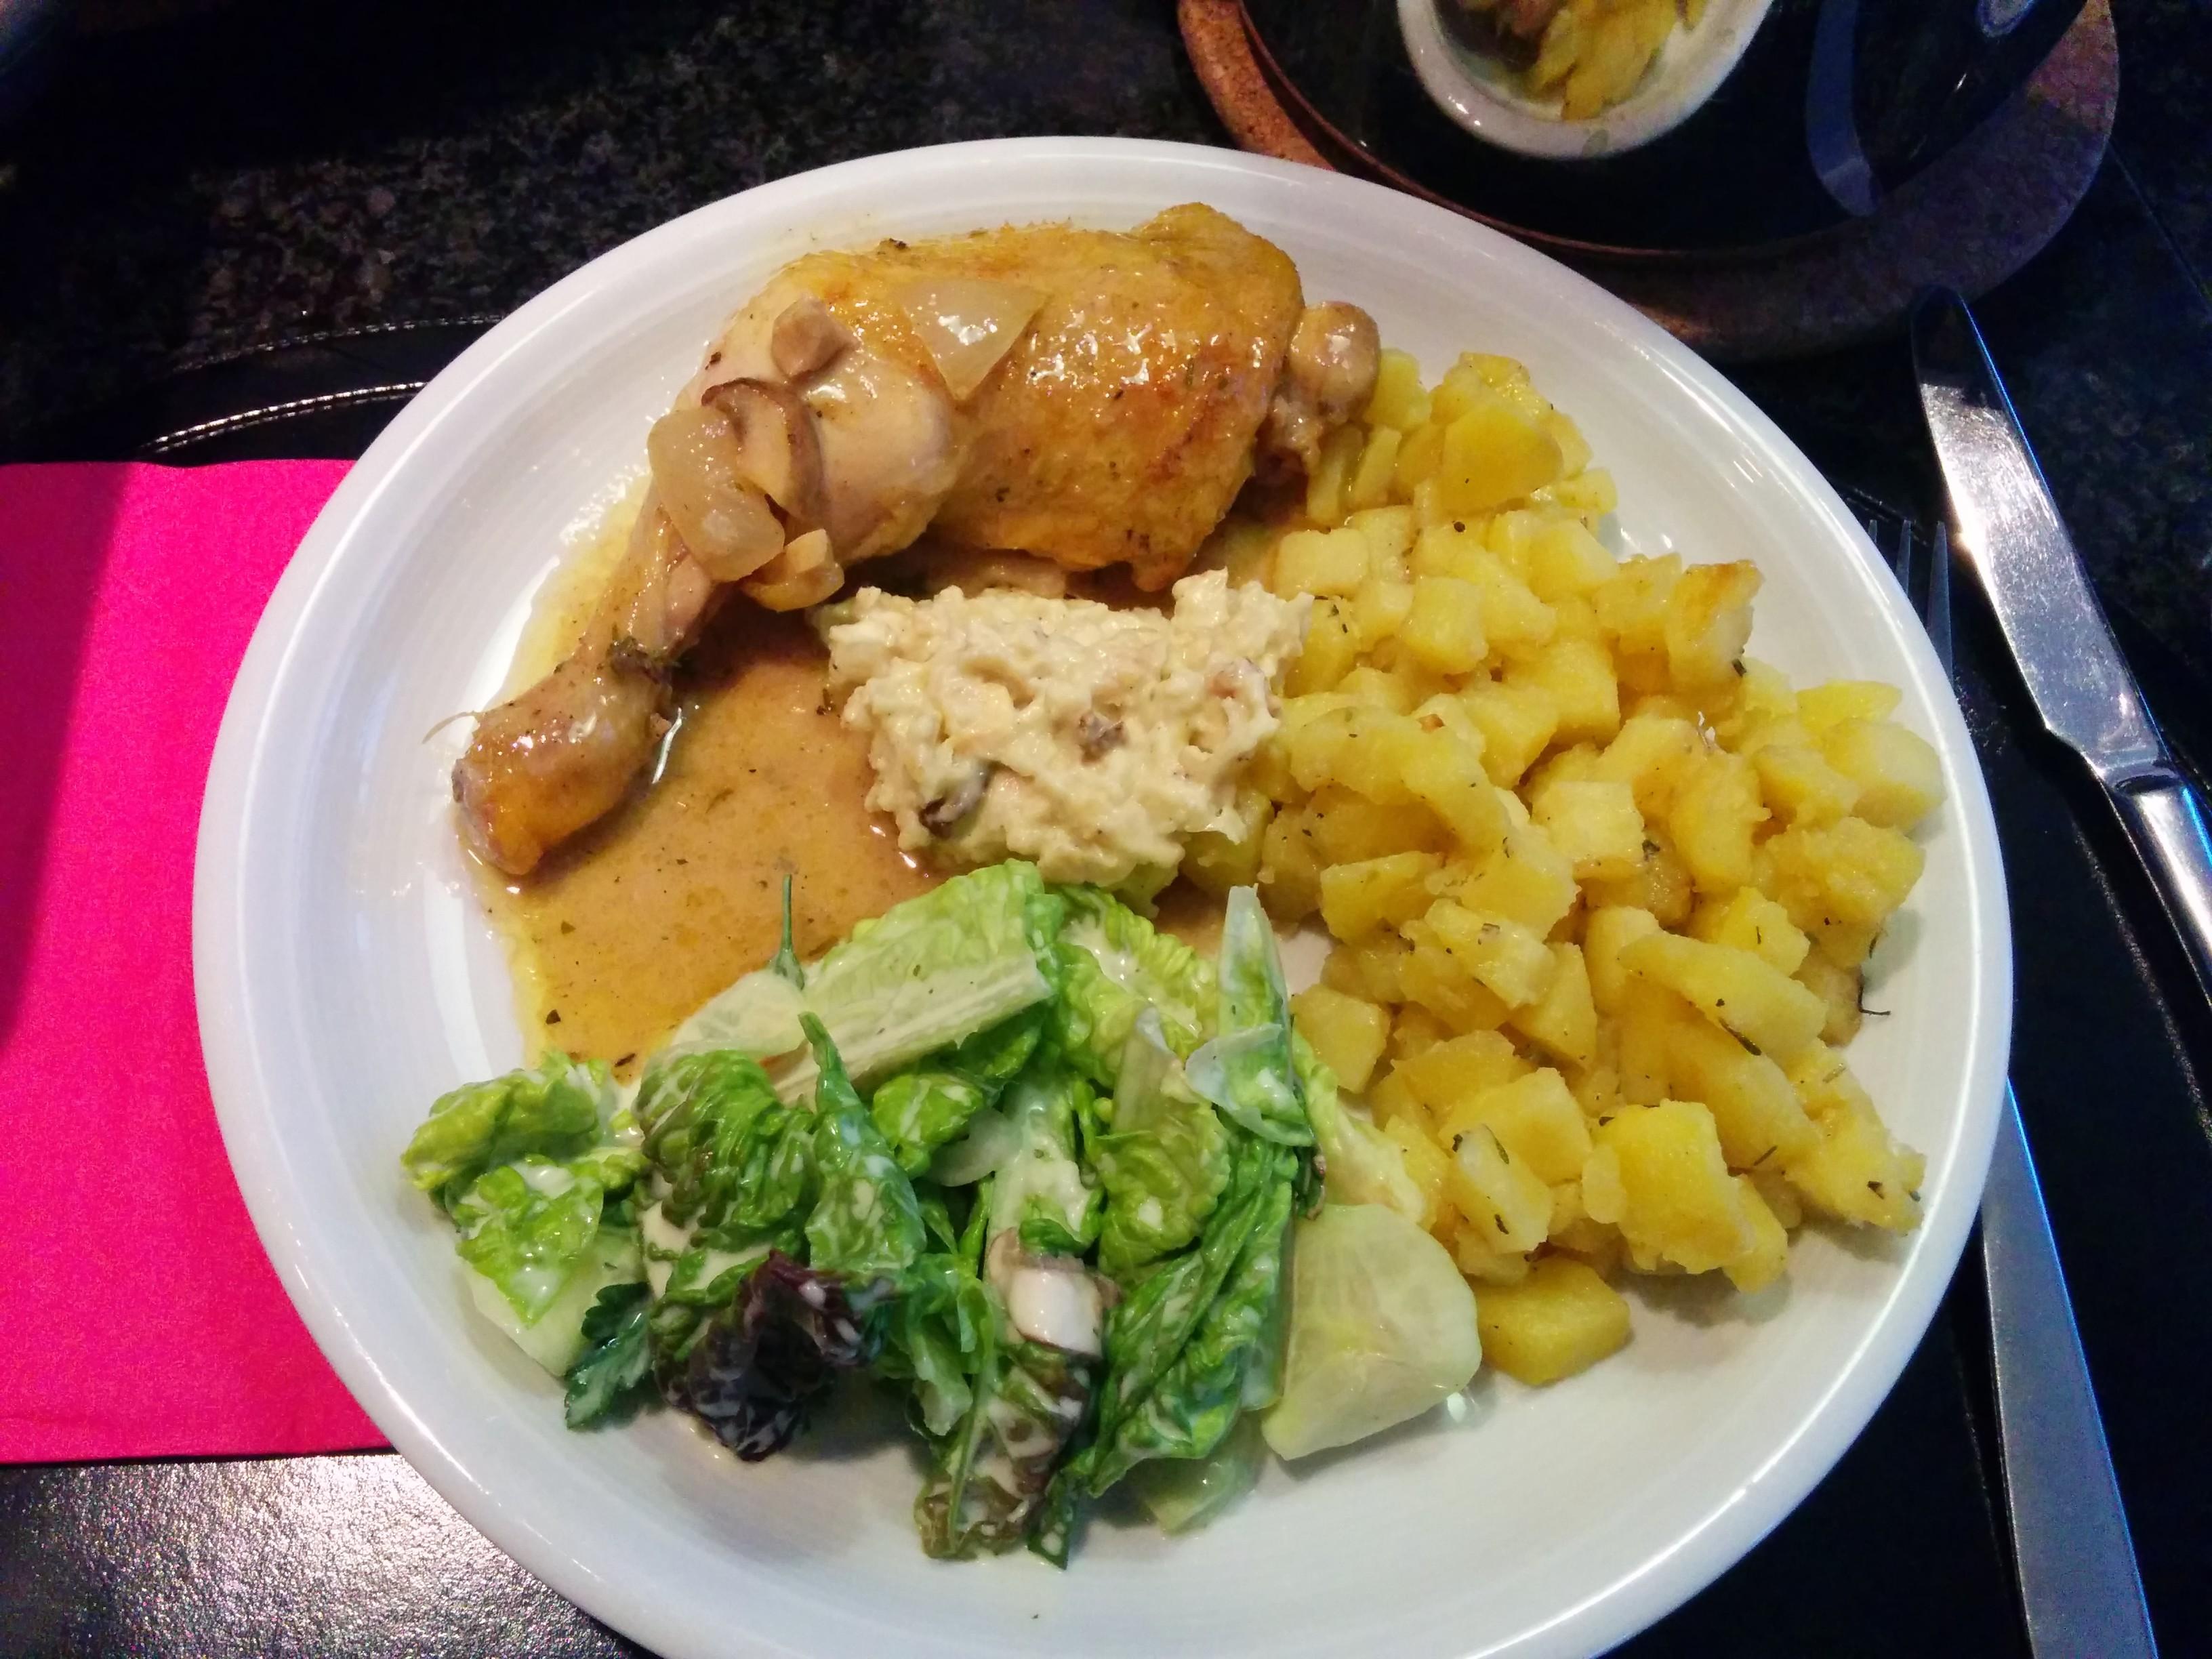 https://foodloader.net/nico_2014-02-09_maishaehnchenschlegel-mit-kartoffeln-und-salat.jpg